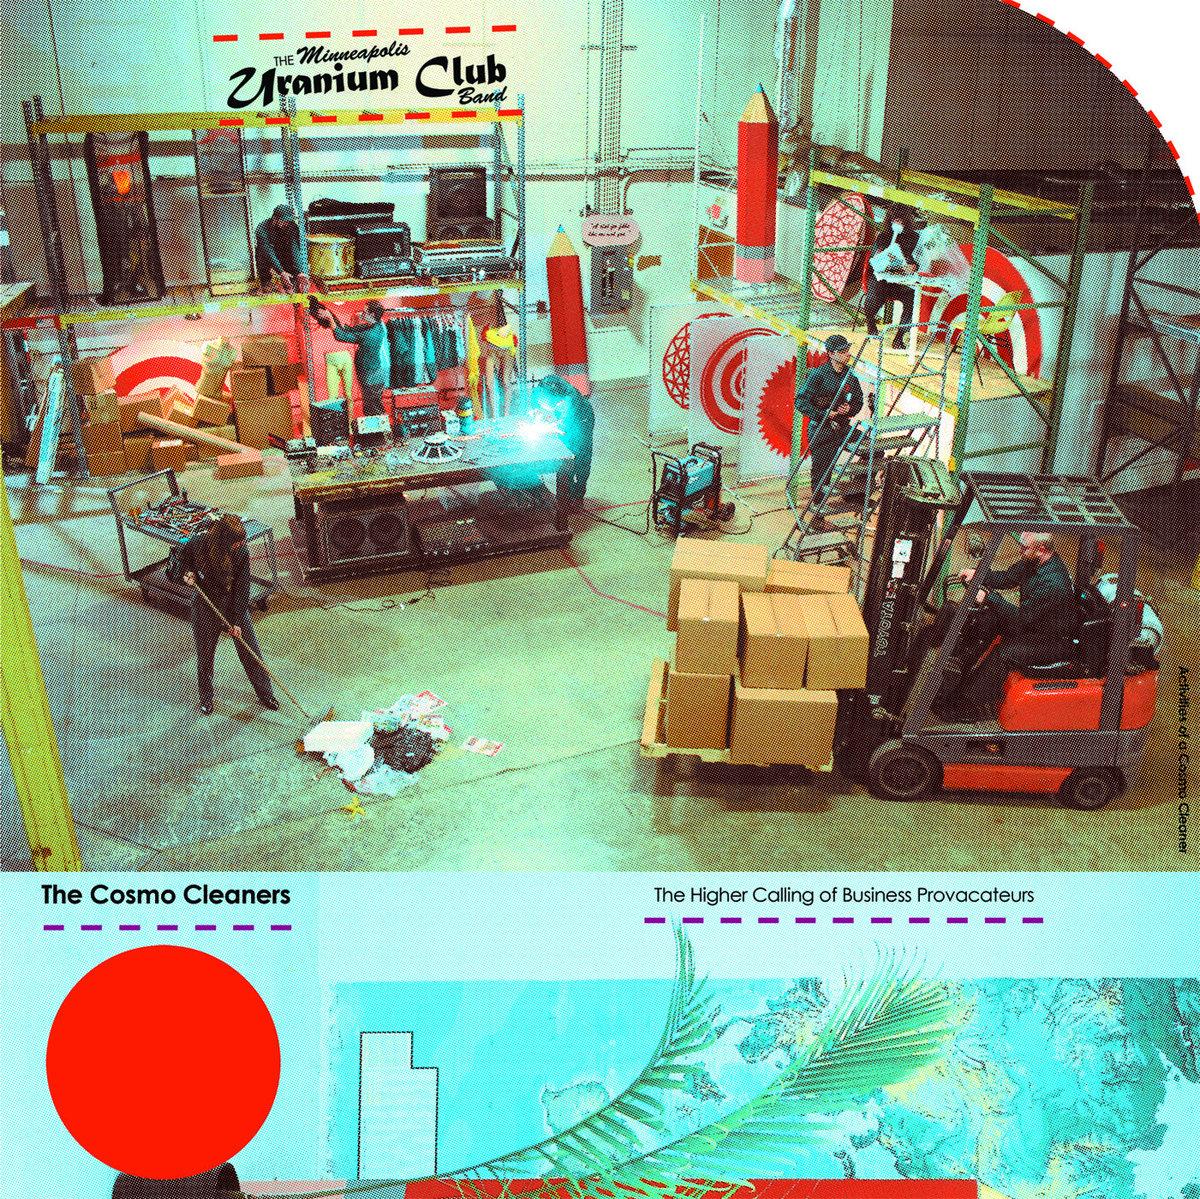 uranium club cover.jpg